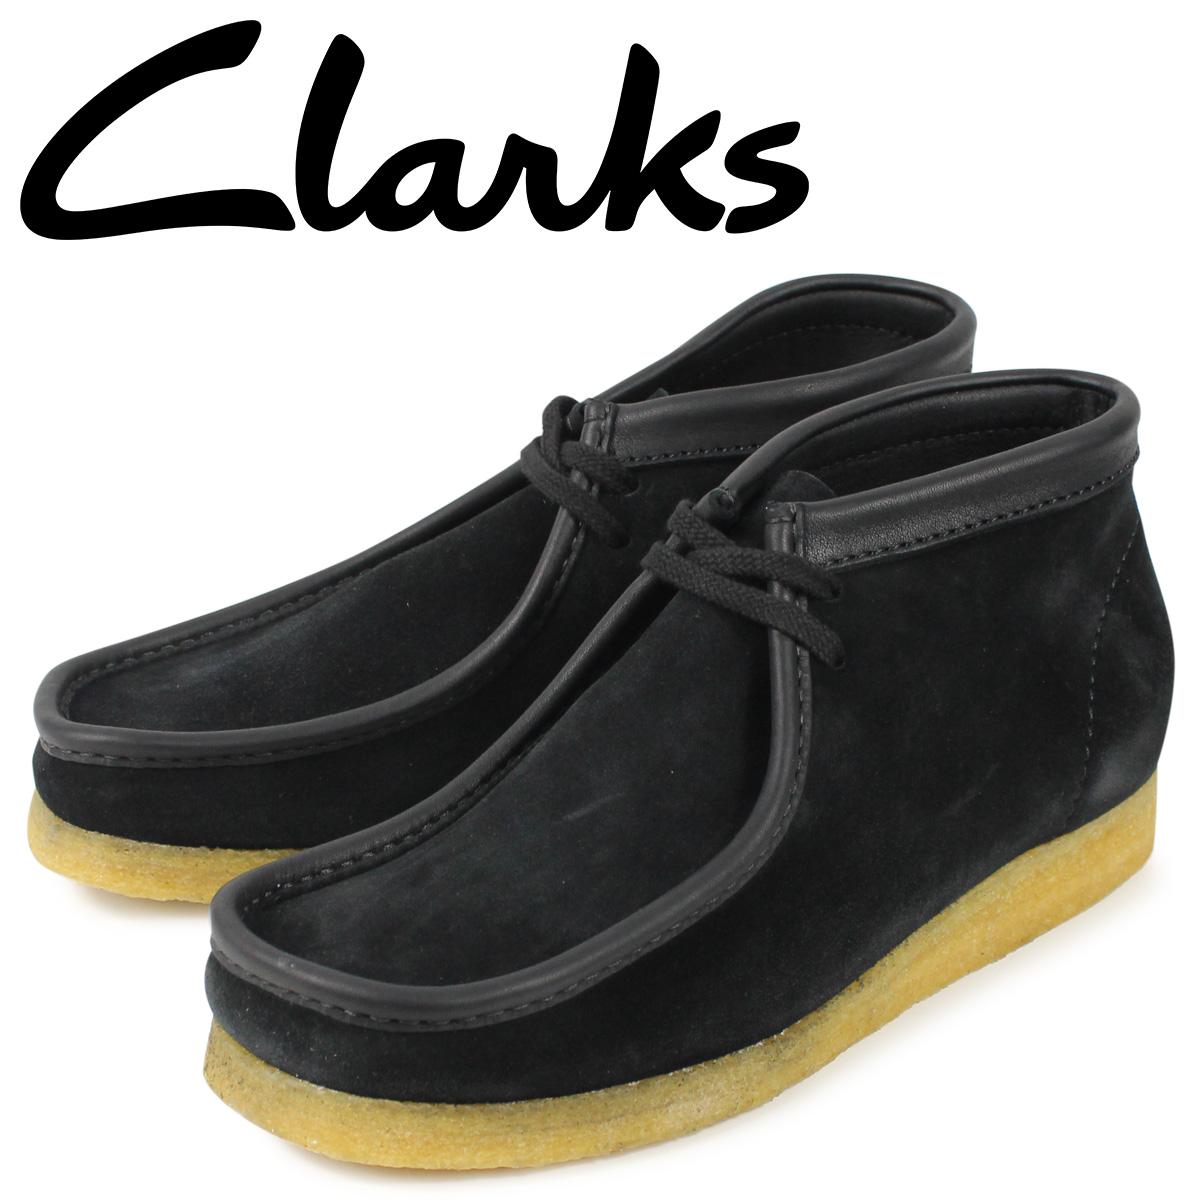 クラークス Clarks ワラビー ブーツ メンズ WALLABEE ブラック 黒 26134611